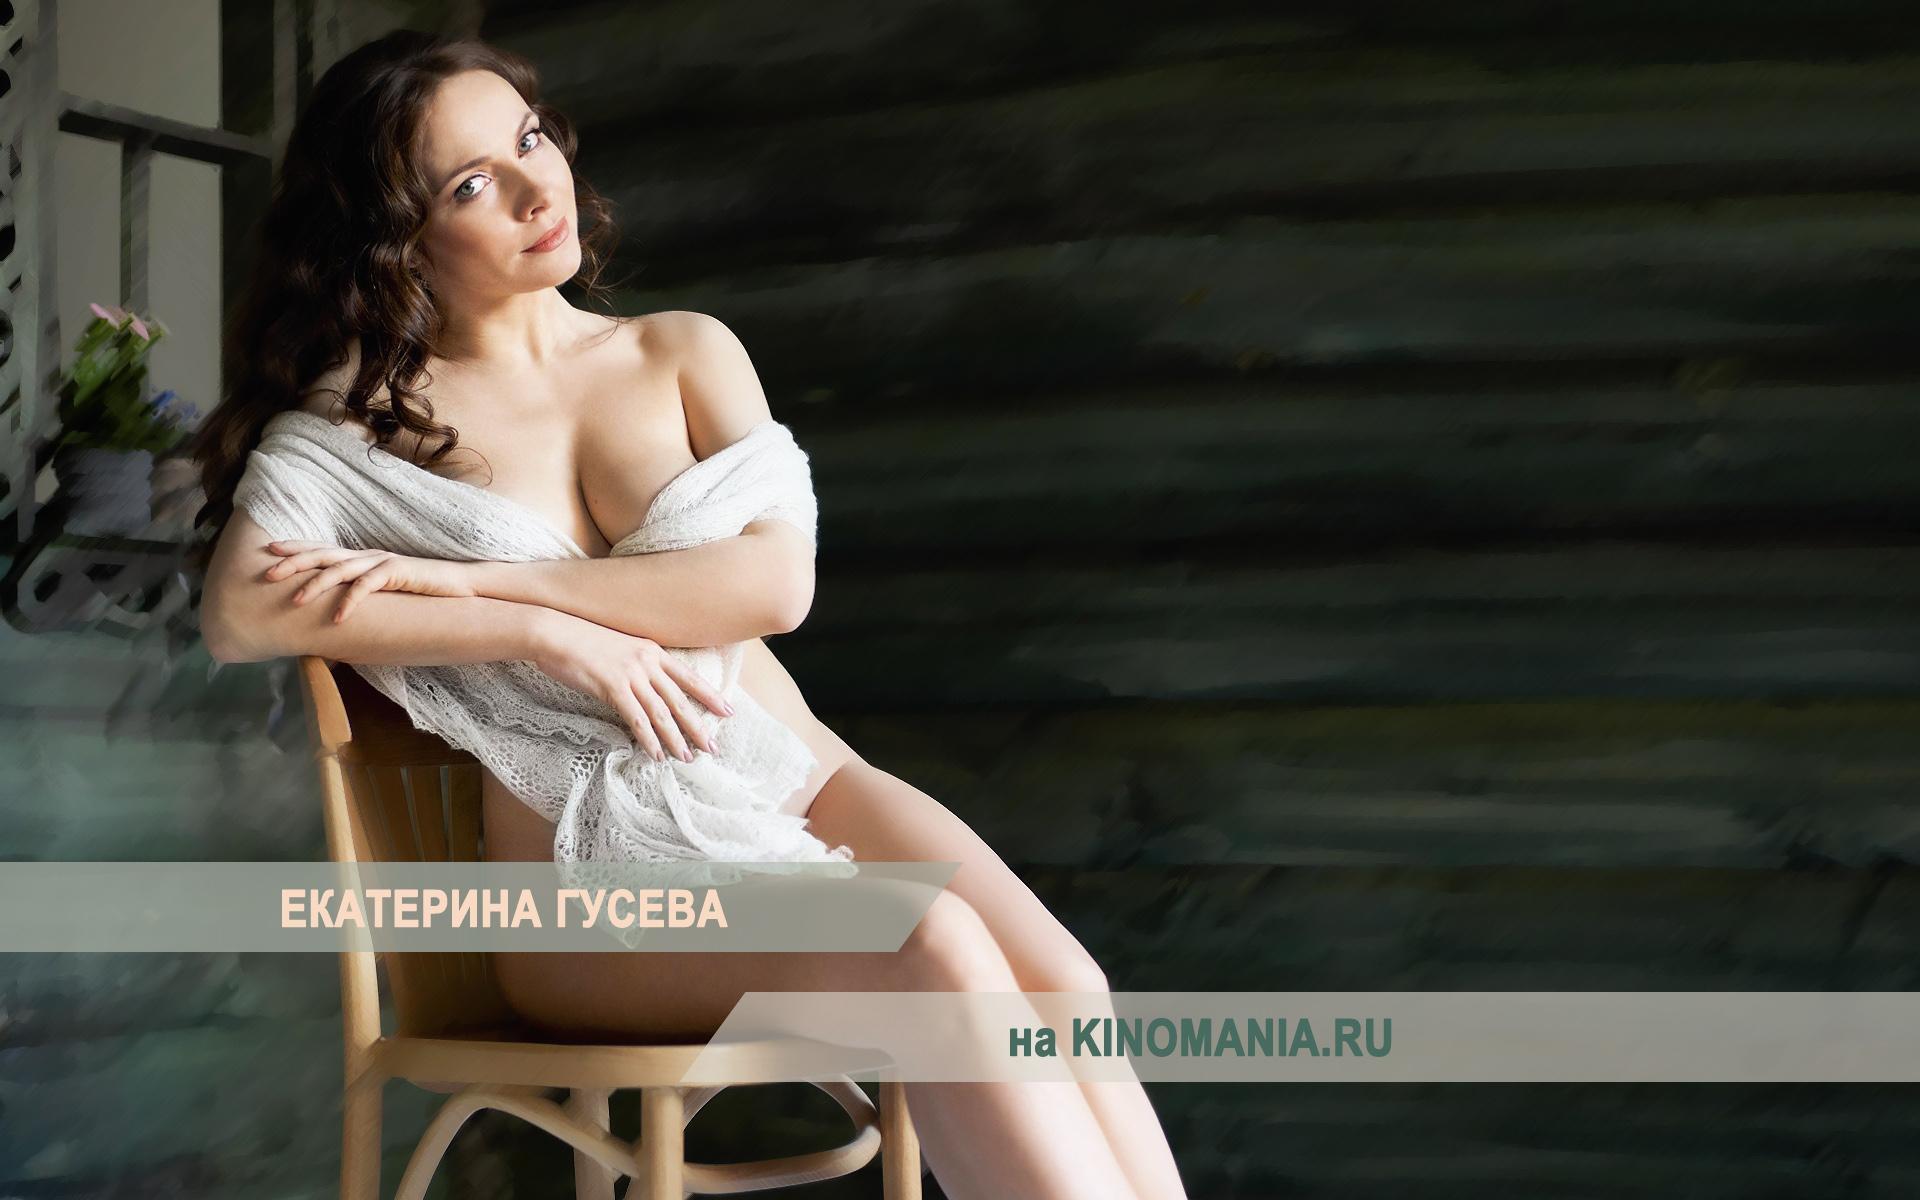 Екатерина гусева порно мобильное версия 190